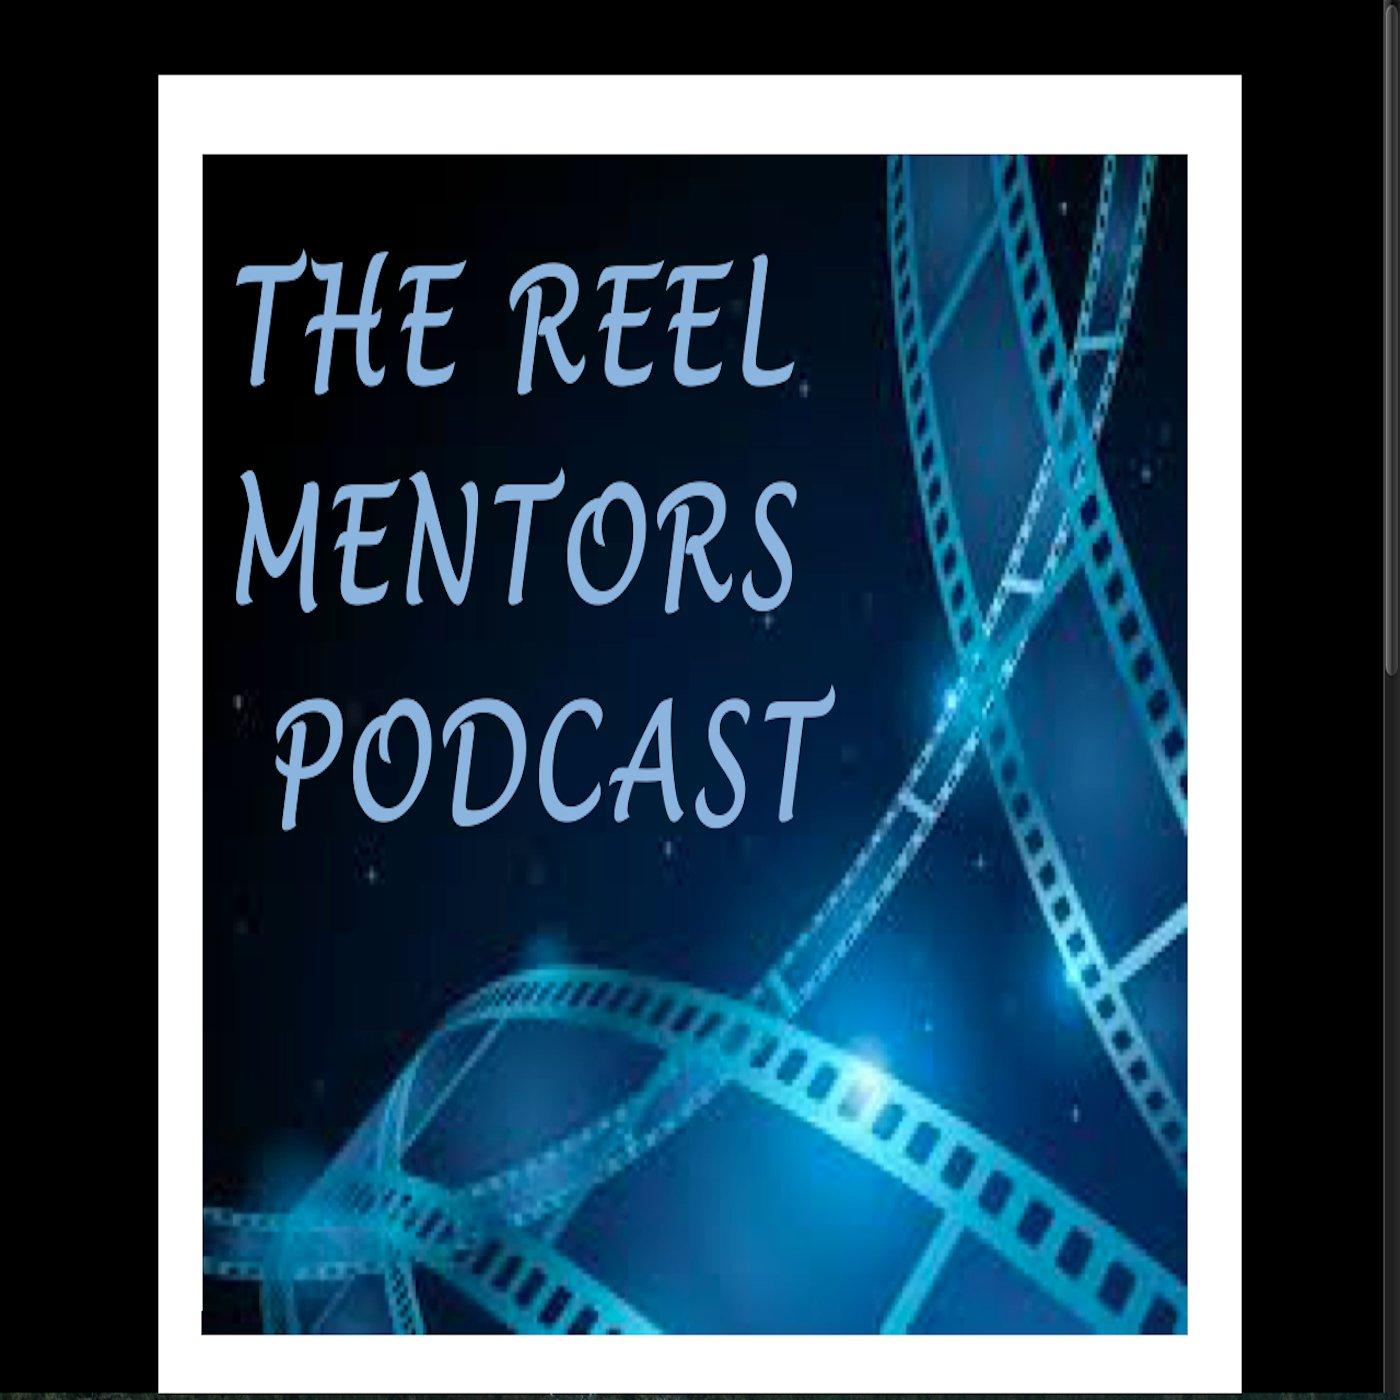 The Reel Mentors